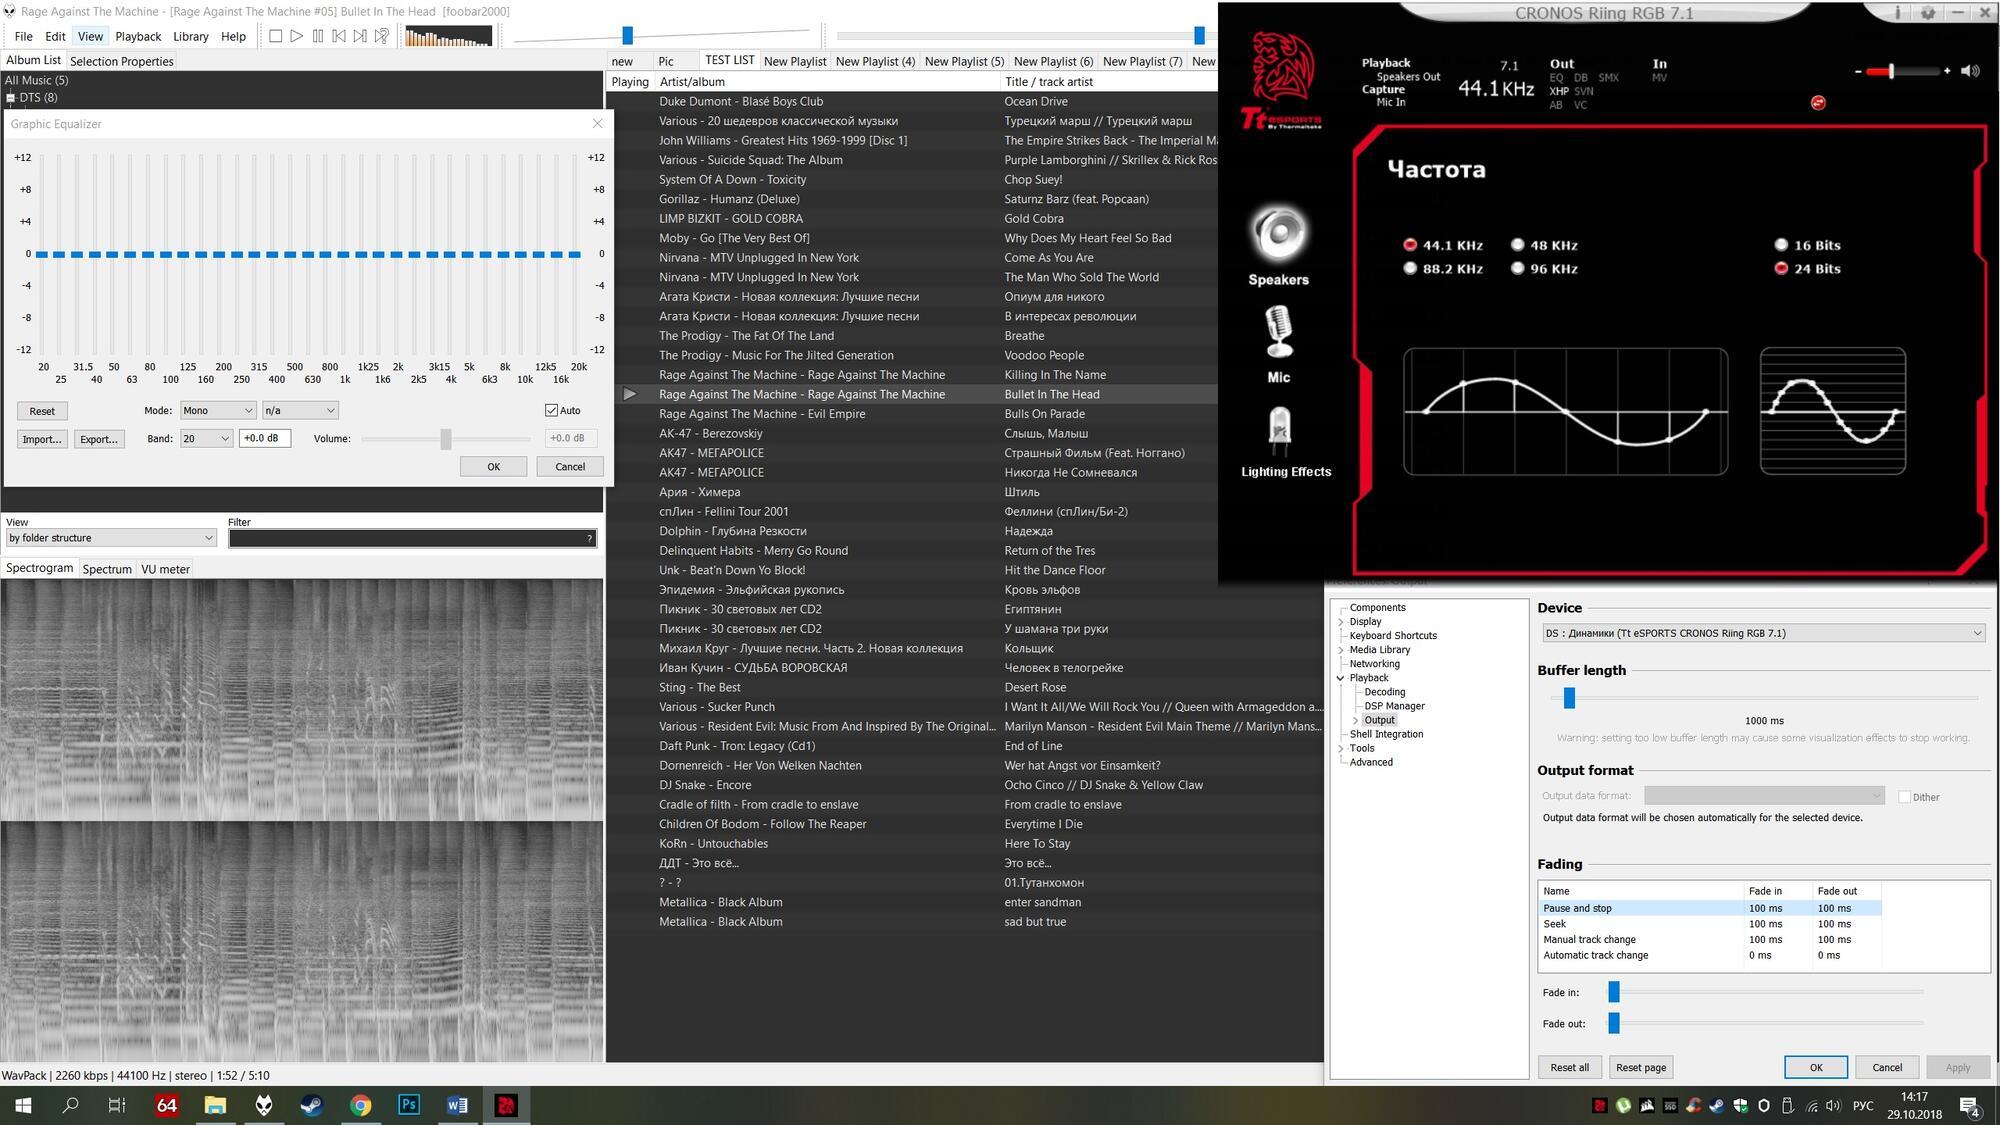 Periferiya - Obzor naushnikov Tt eSPORTS Cronos Riing RGB 7.1. Vremya obyomnogo zvuka.